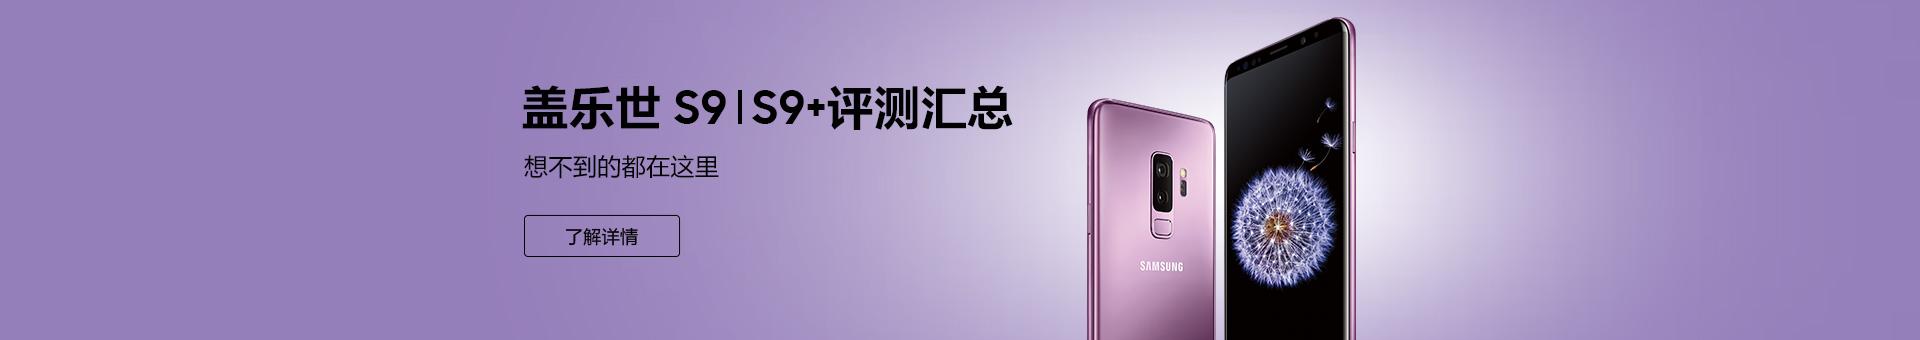 三星盖乐世 S9 | S9+评测汇总